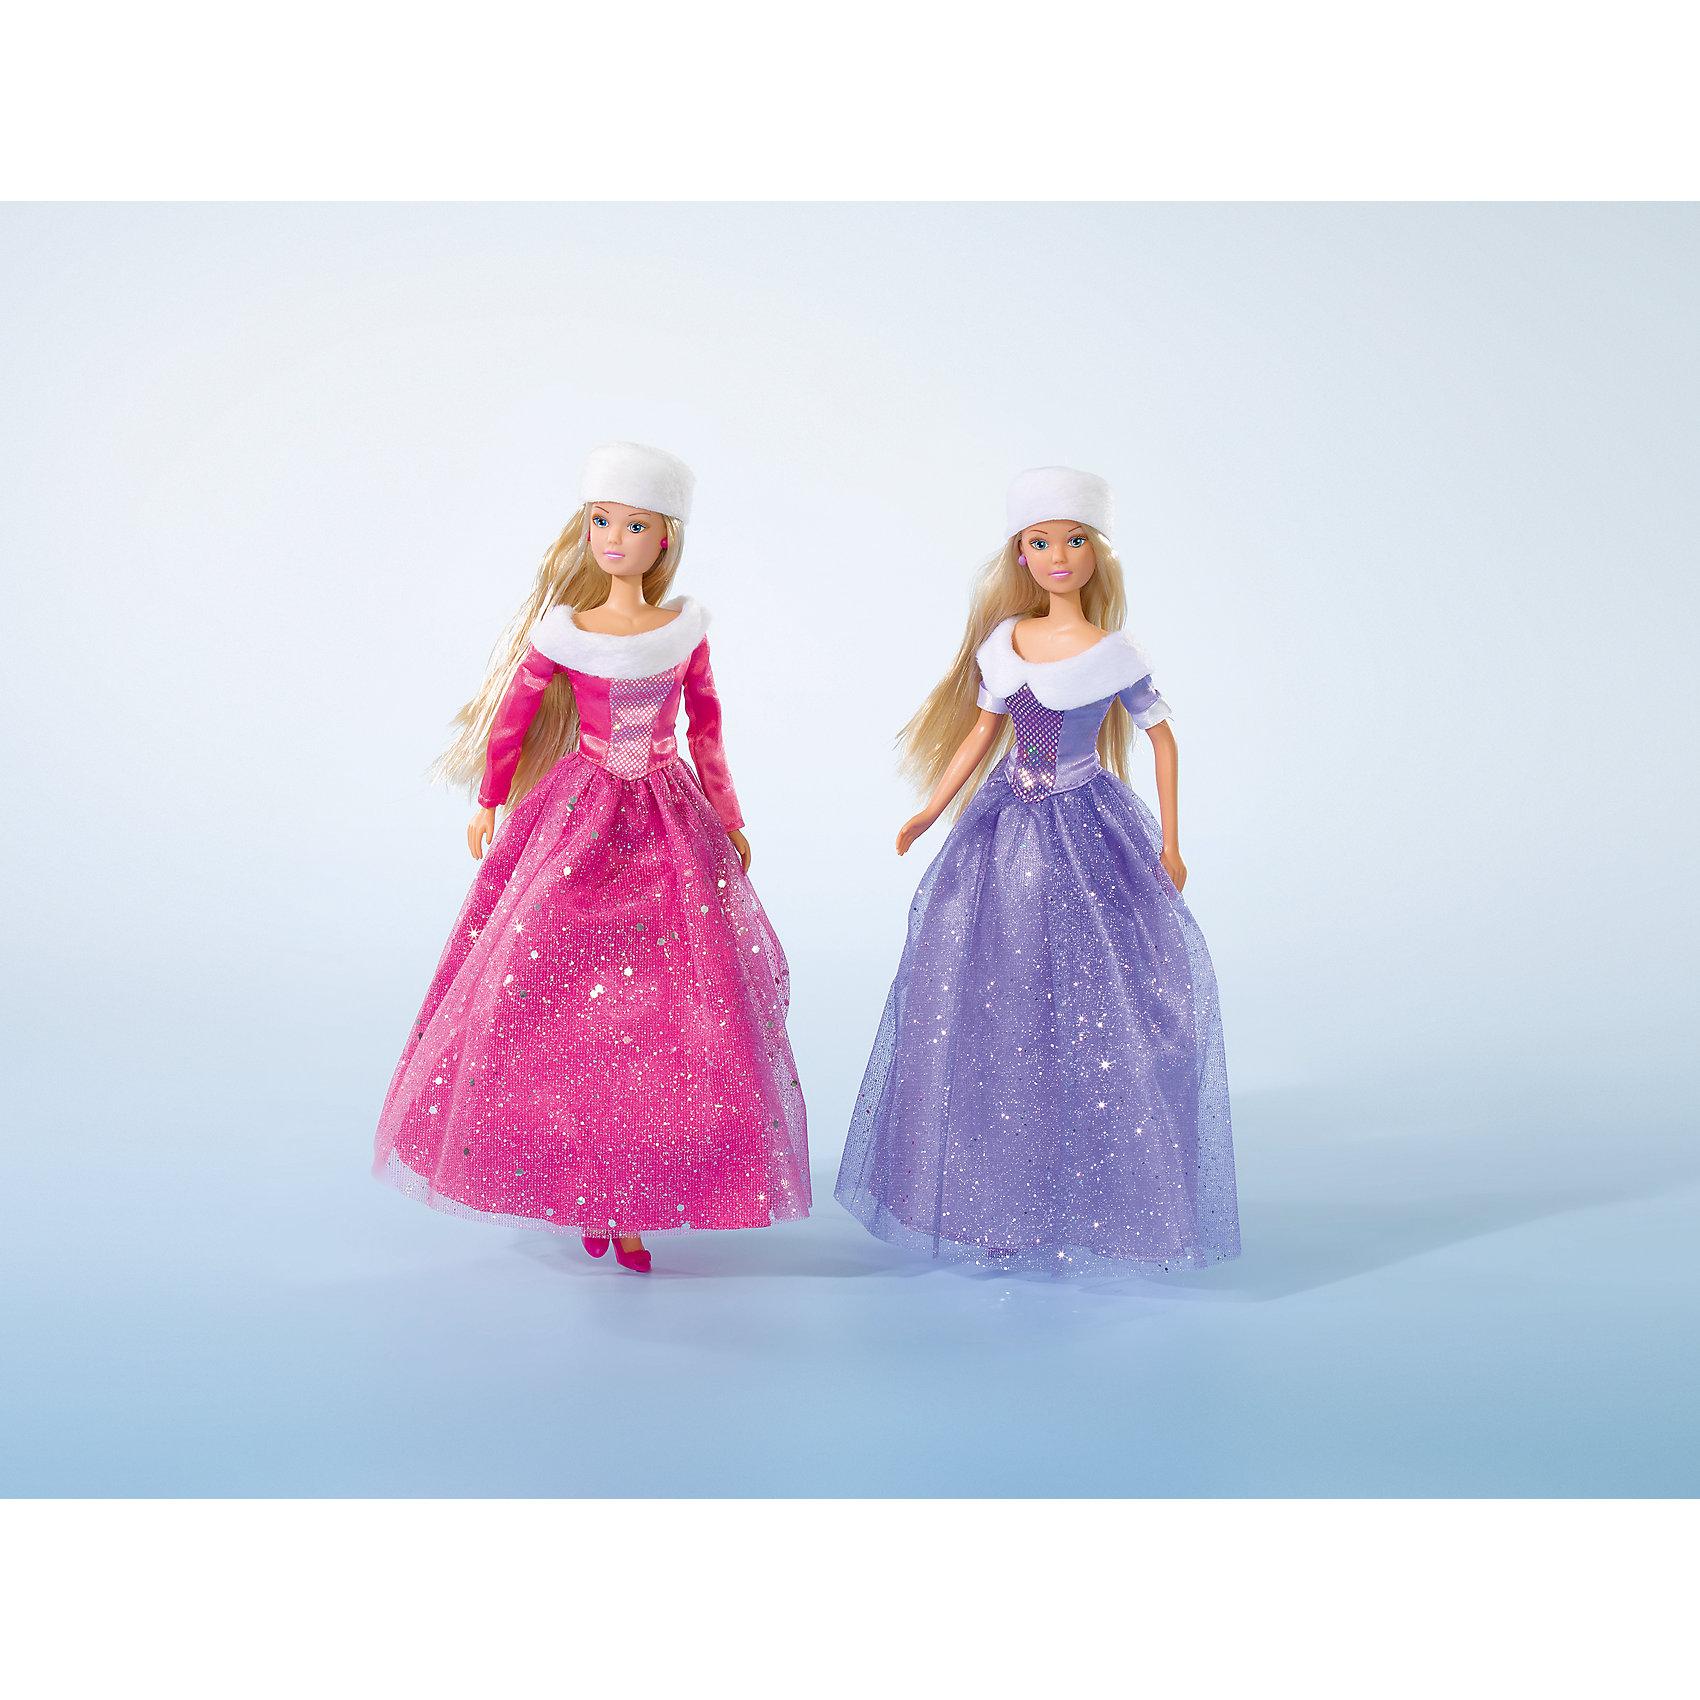 Кукла Штеффи в блестящем зимнем наряде, 29 см, SimbaХарактеристики товара:<br><br>- цвет: разноцветный;<br>- материал: пластик;<br>- возраст: от трех лет;<br>- комплектация: кукла, одежда;<br>- высота куклы: 29 см.<br><br>Эта симпатичная кукла Штеффи от известного бренда не оставит девочку равнодушной! Какая девочка сможет отказаться поиграть с куклой в таком шикарном наряде?! В набор входят аксессуары и одежда для игр с куклой. Игрушка очень качественно выполнена, поэтому она станет замечательным подарком ребенку. <br>Продается набор в красивой удобной упаковке. Изделие произведено из высококачественного материала, безопасного для детей.<br><br>Куклу Штеффи в блестящем зимнем наряде, 29 см, от бренда Simba можно купить в нашем интернет-магазине.<br><br>Ширина мм: 50<br>Глубина мм: 160<br>Высота мм: 330<br>Вес г: 310<br>Возраст от месяцев: 36<br>Возраст до месяцев: 120<br>Пол: Женский<br>Возраст: Детский<br>SKU: 5119512